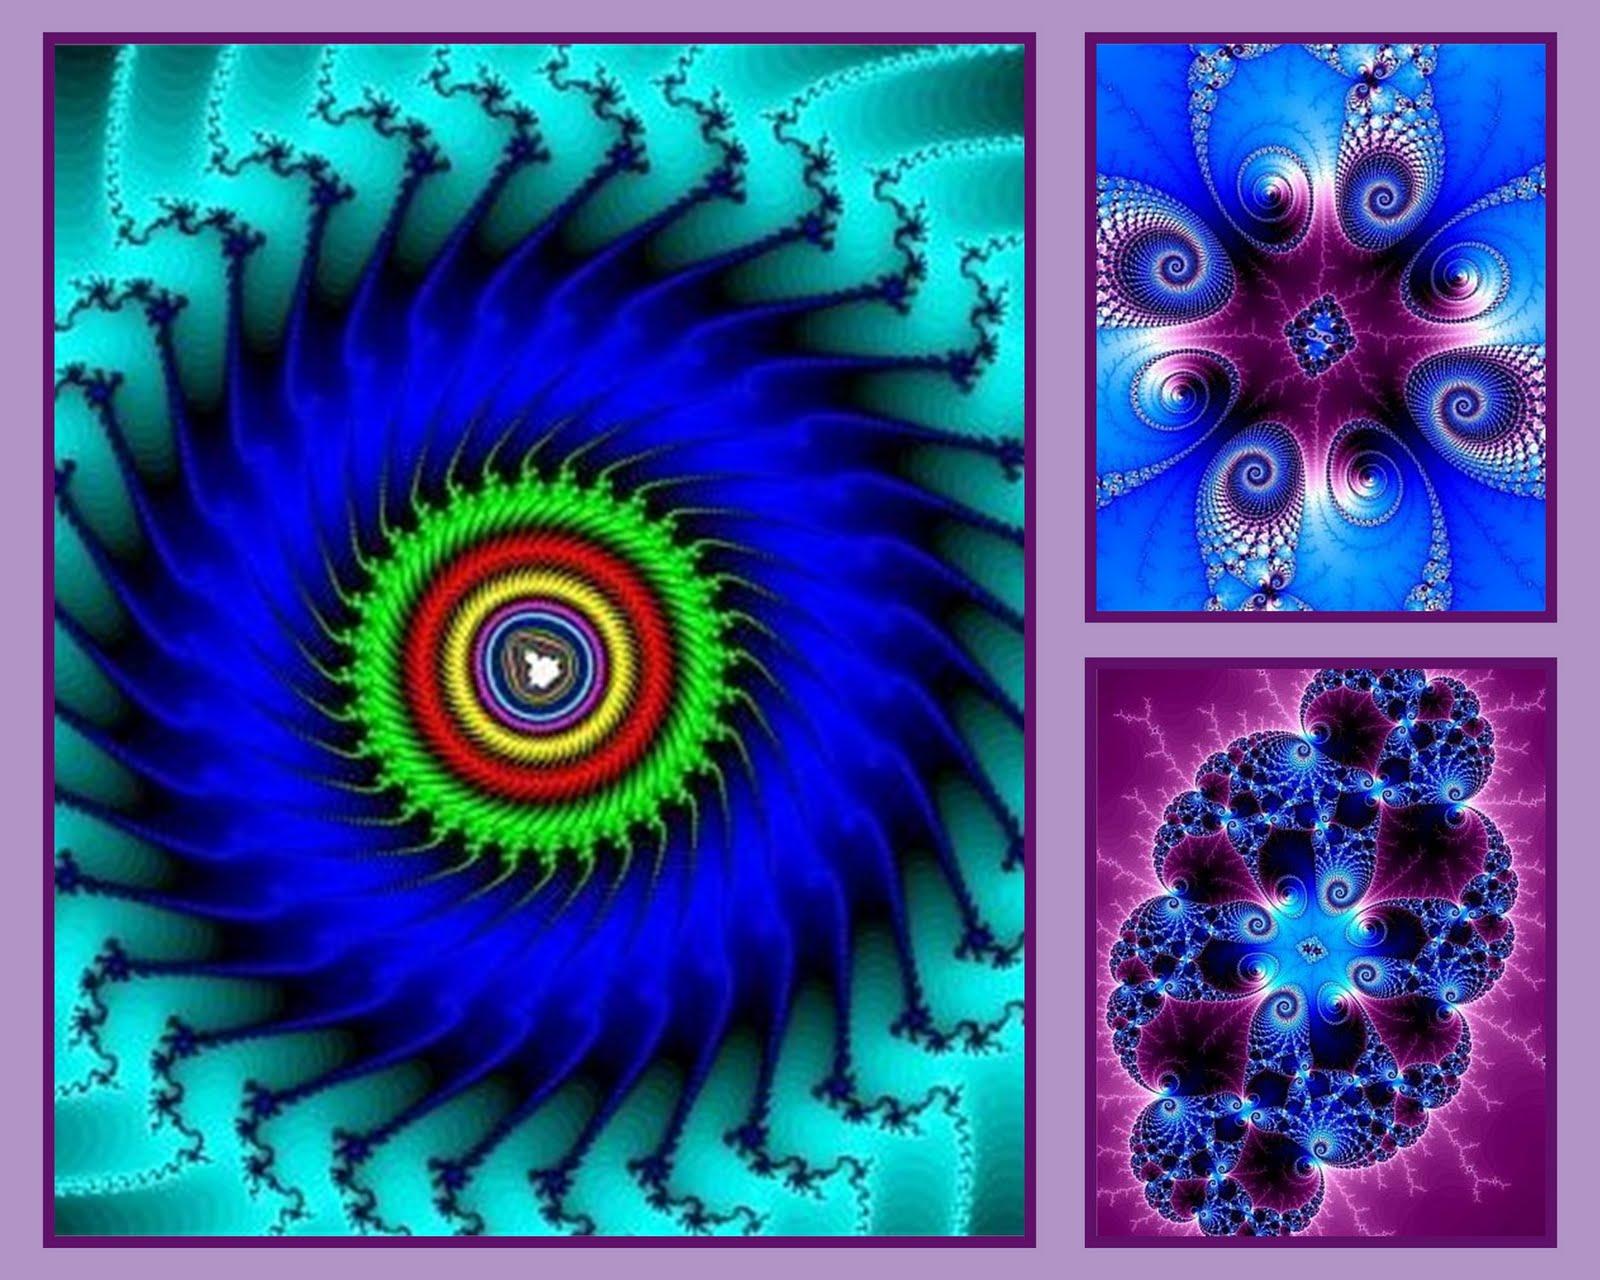 http://2.bp.blogspot.com/_mABQ9X3TqoA/S9tLRjKanNI/AAAAAAAACoI/jWduZXZRCok/s1600/free+wallpaper.jpg